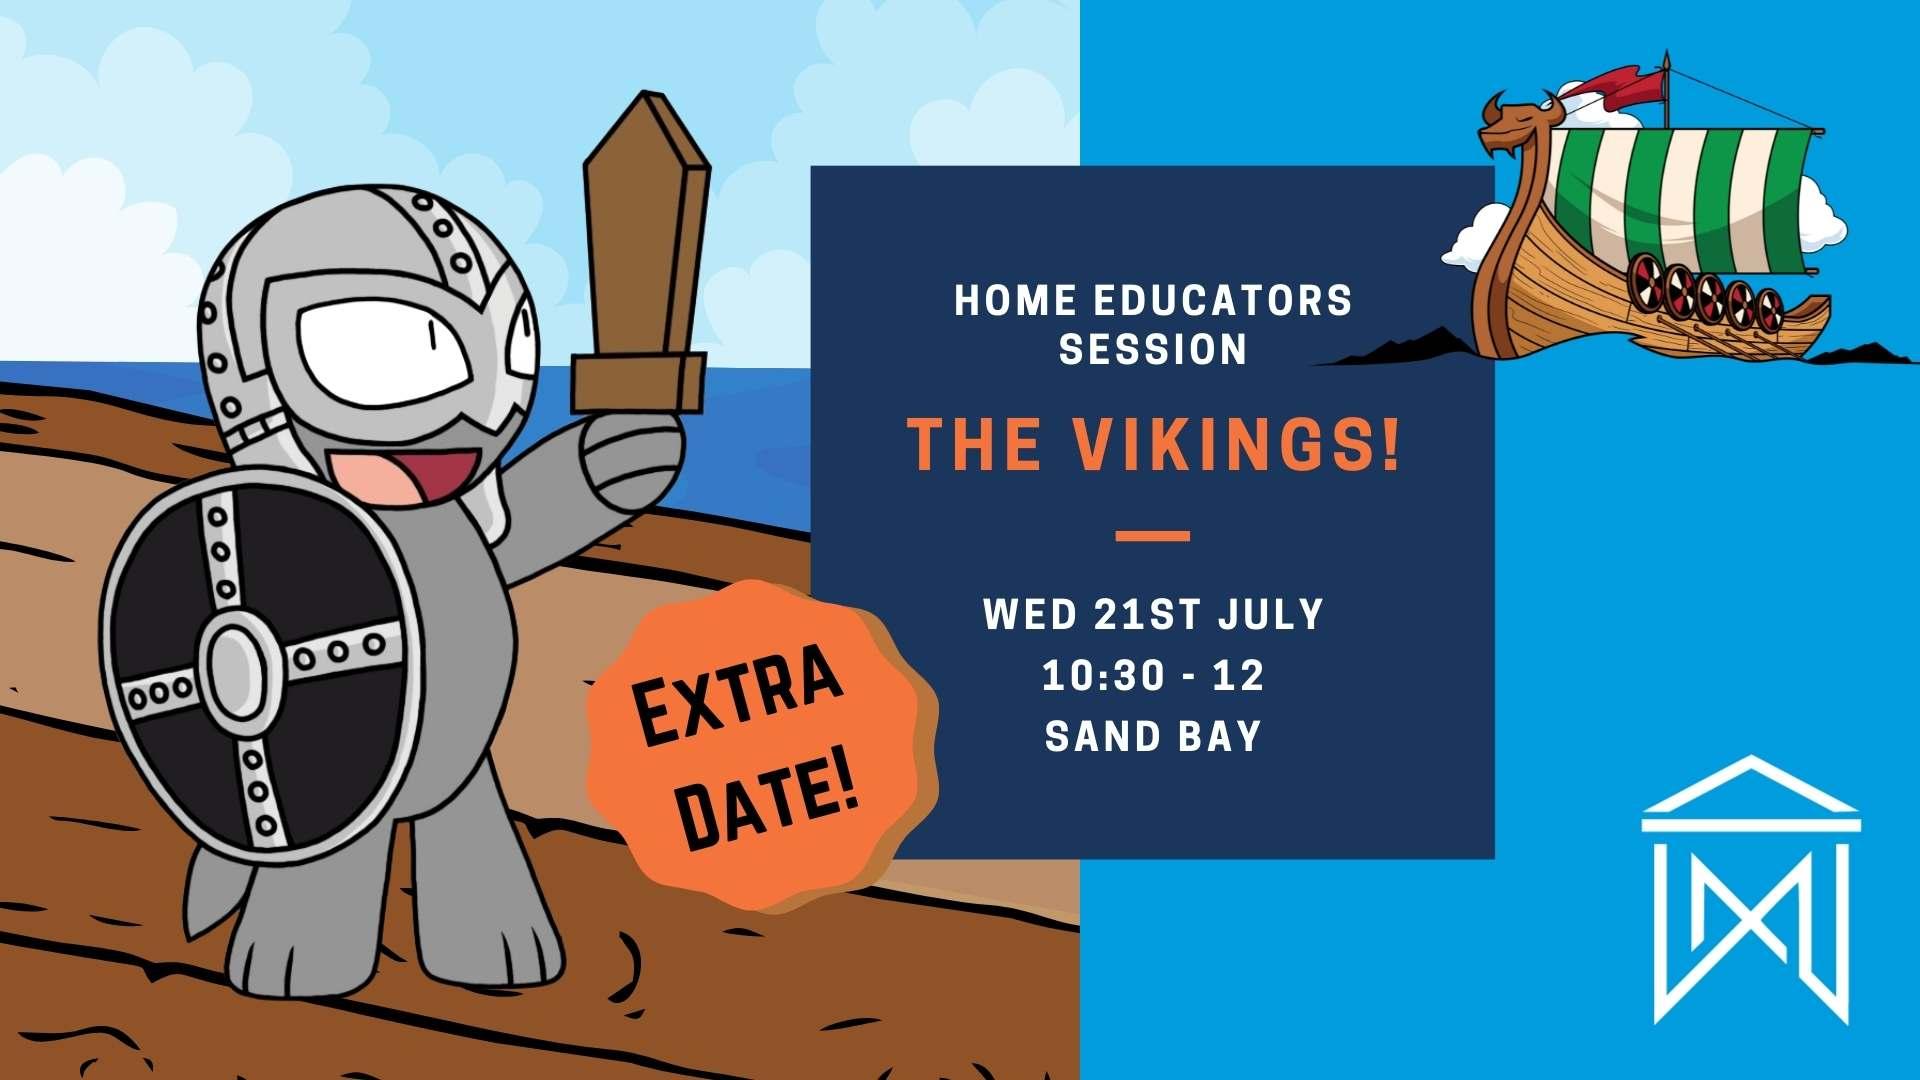 Home educators Session vikings poster